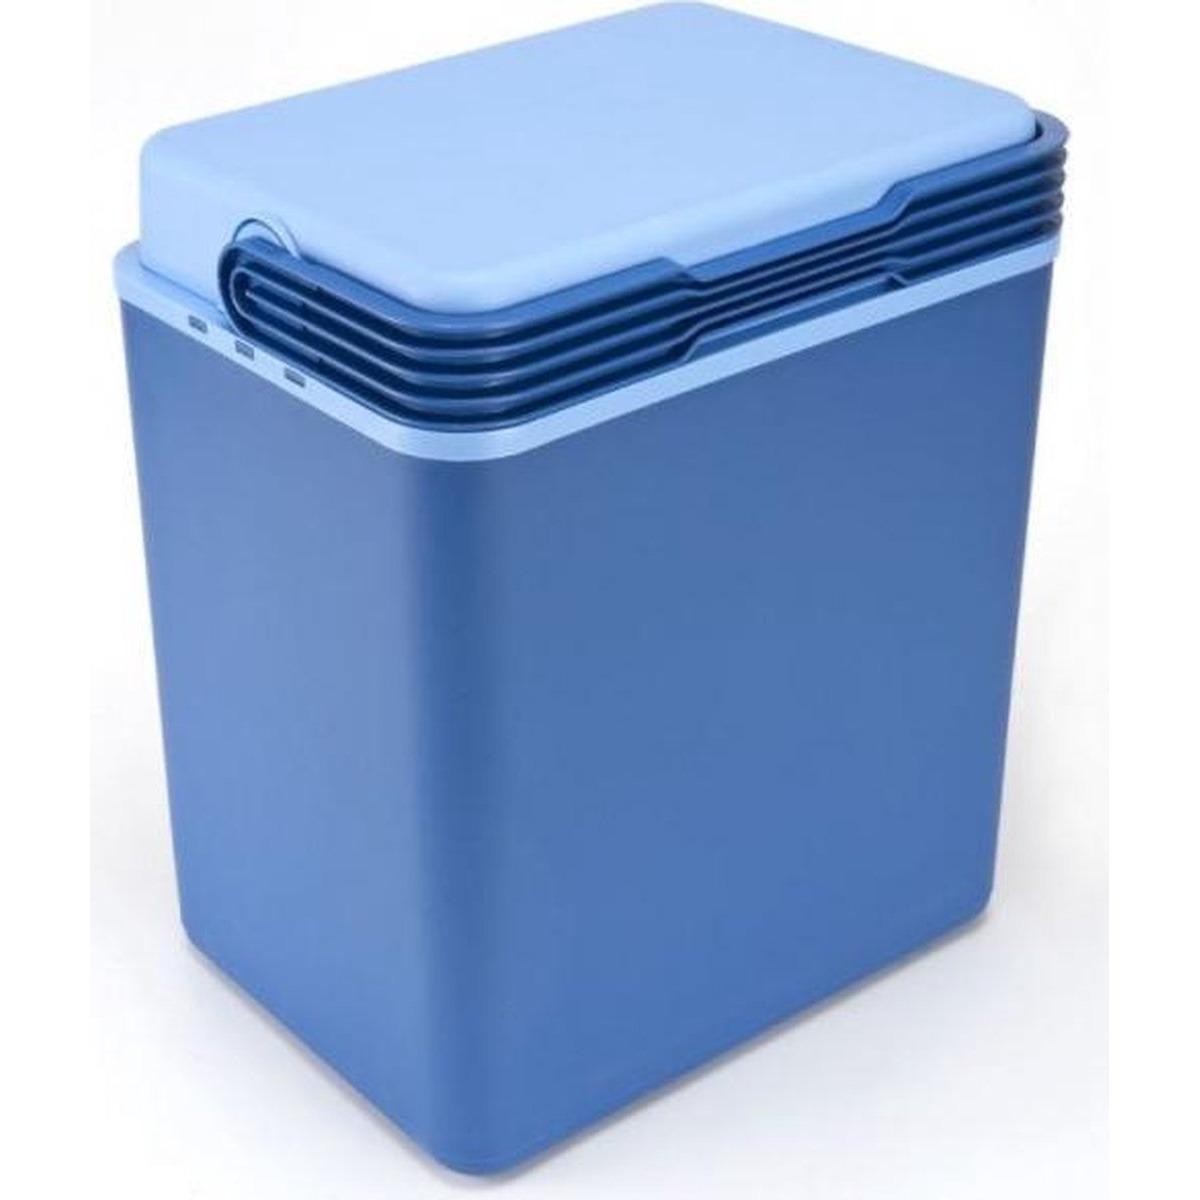 Grote koelbox donkerblauw 32 liter 40 x 30 x 45 cm